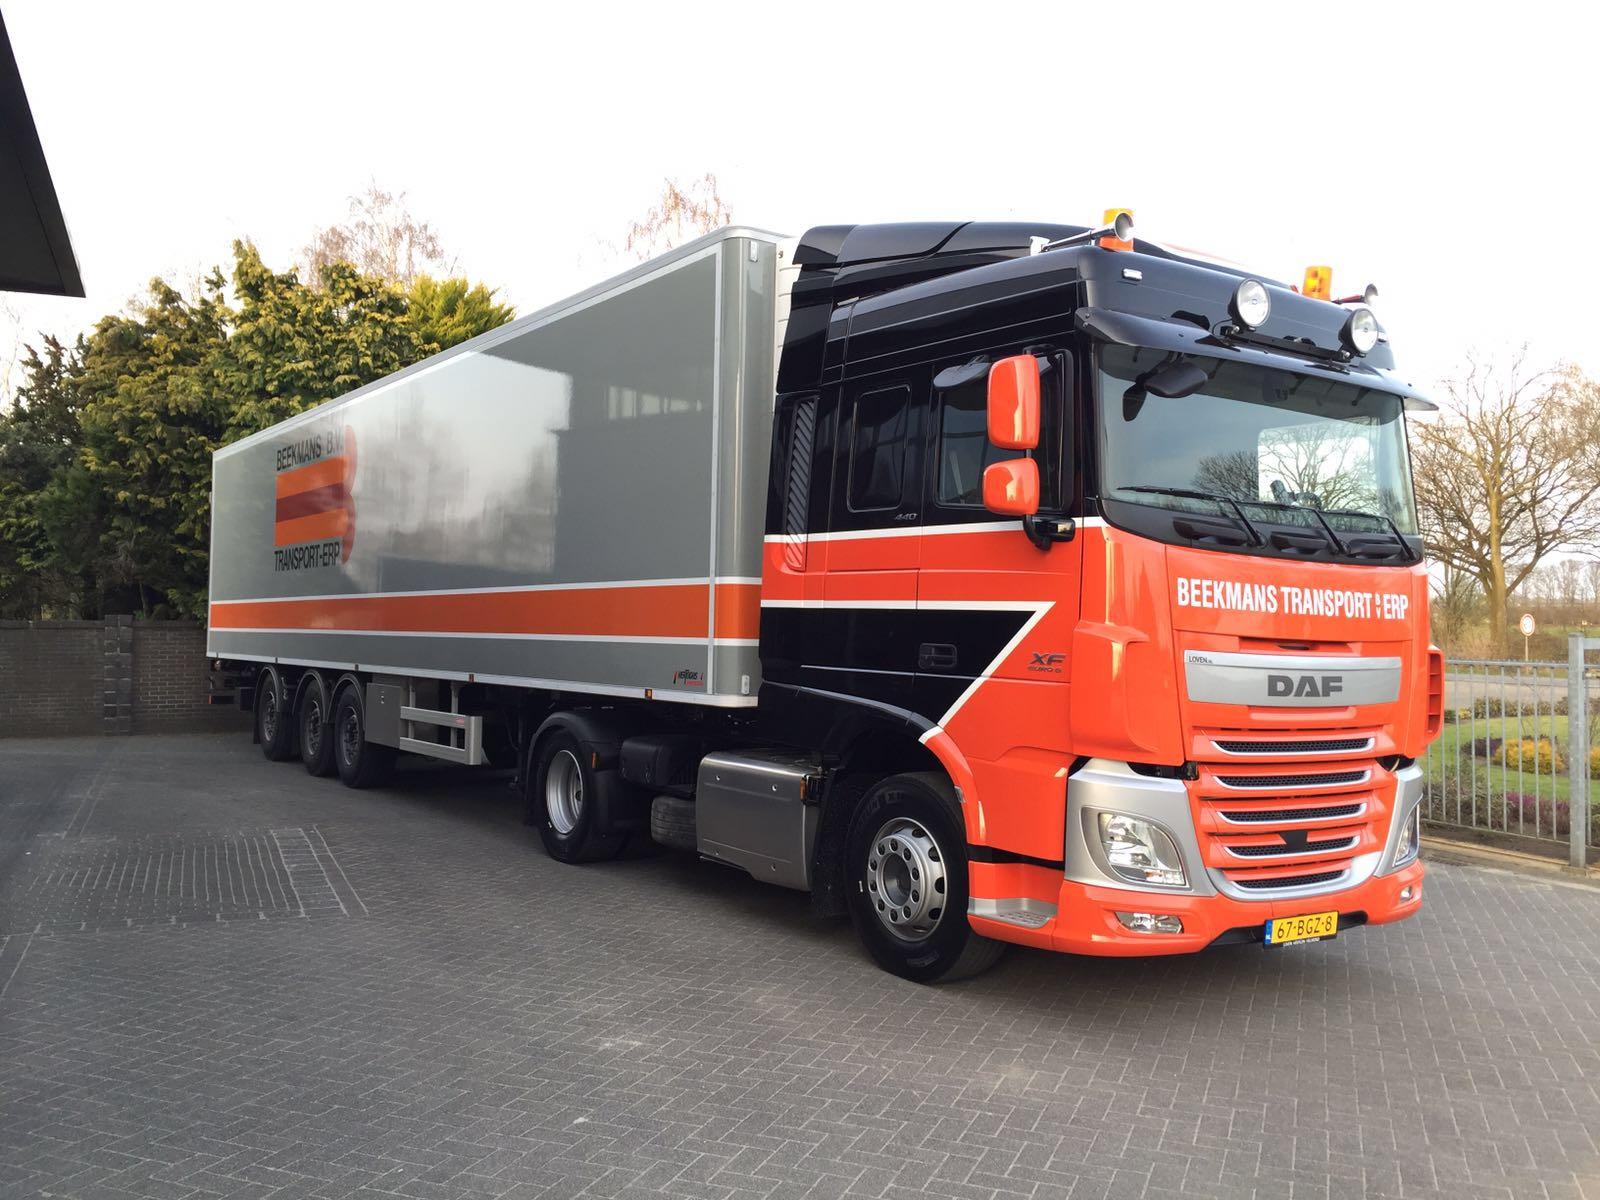 Daf-met-koel-trailer